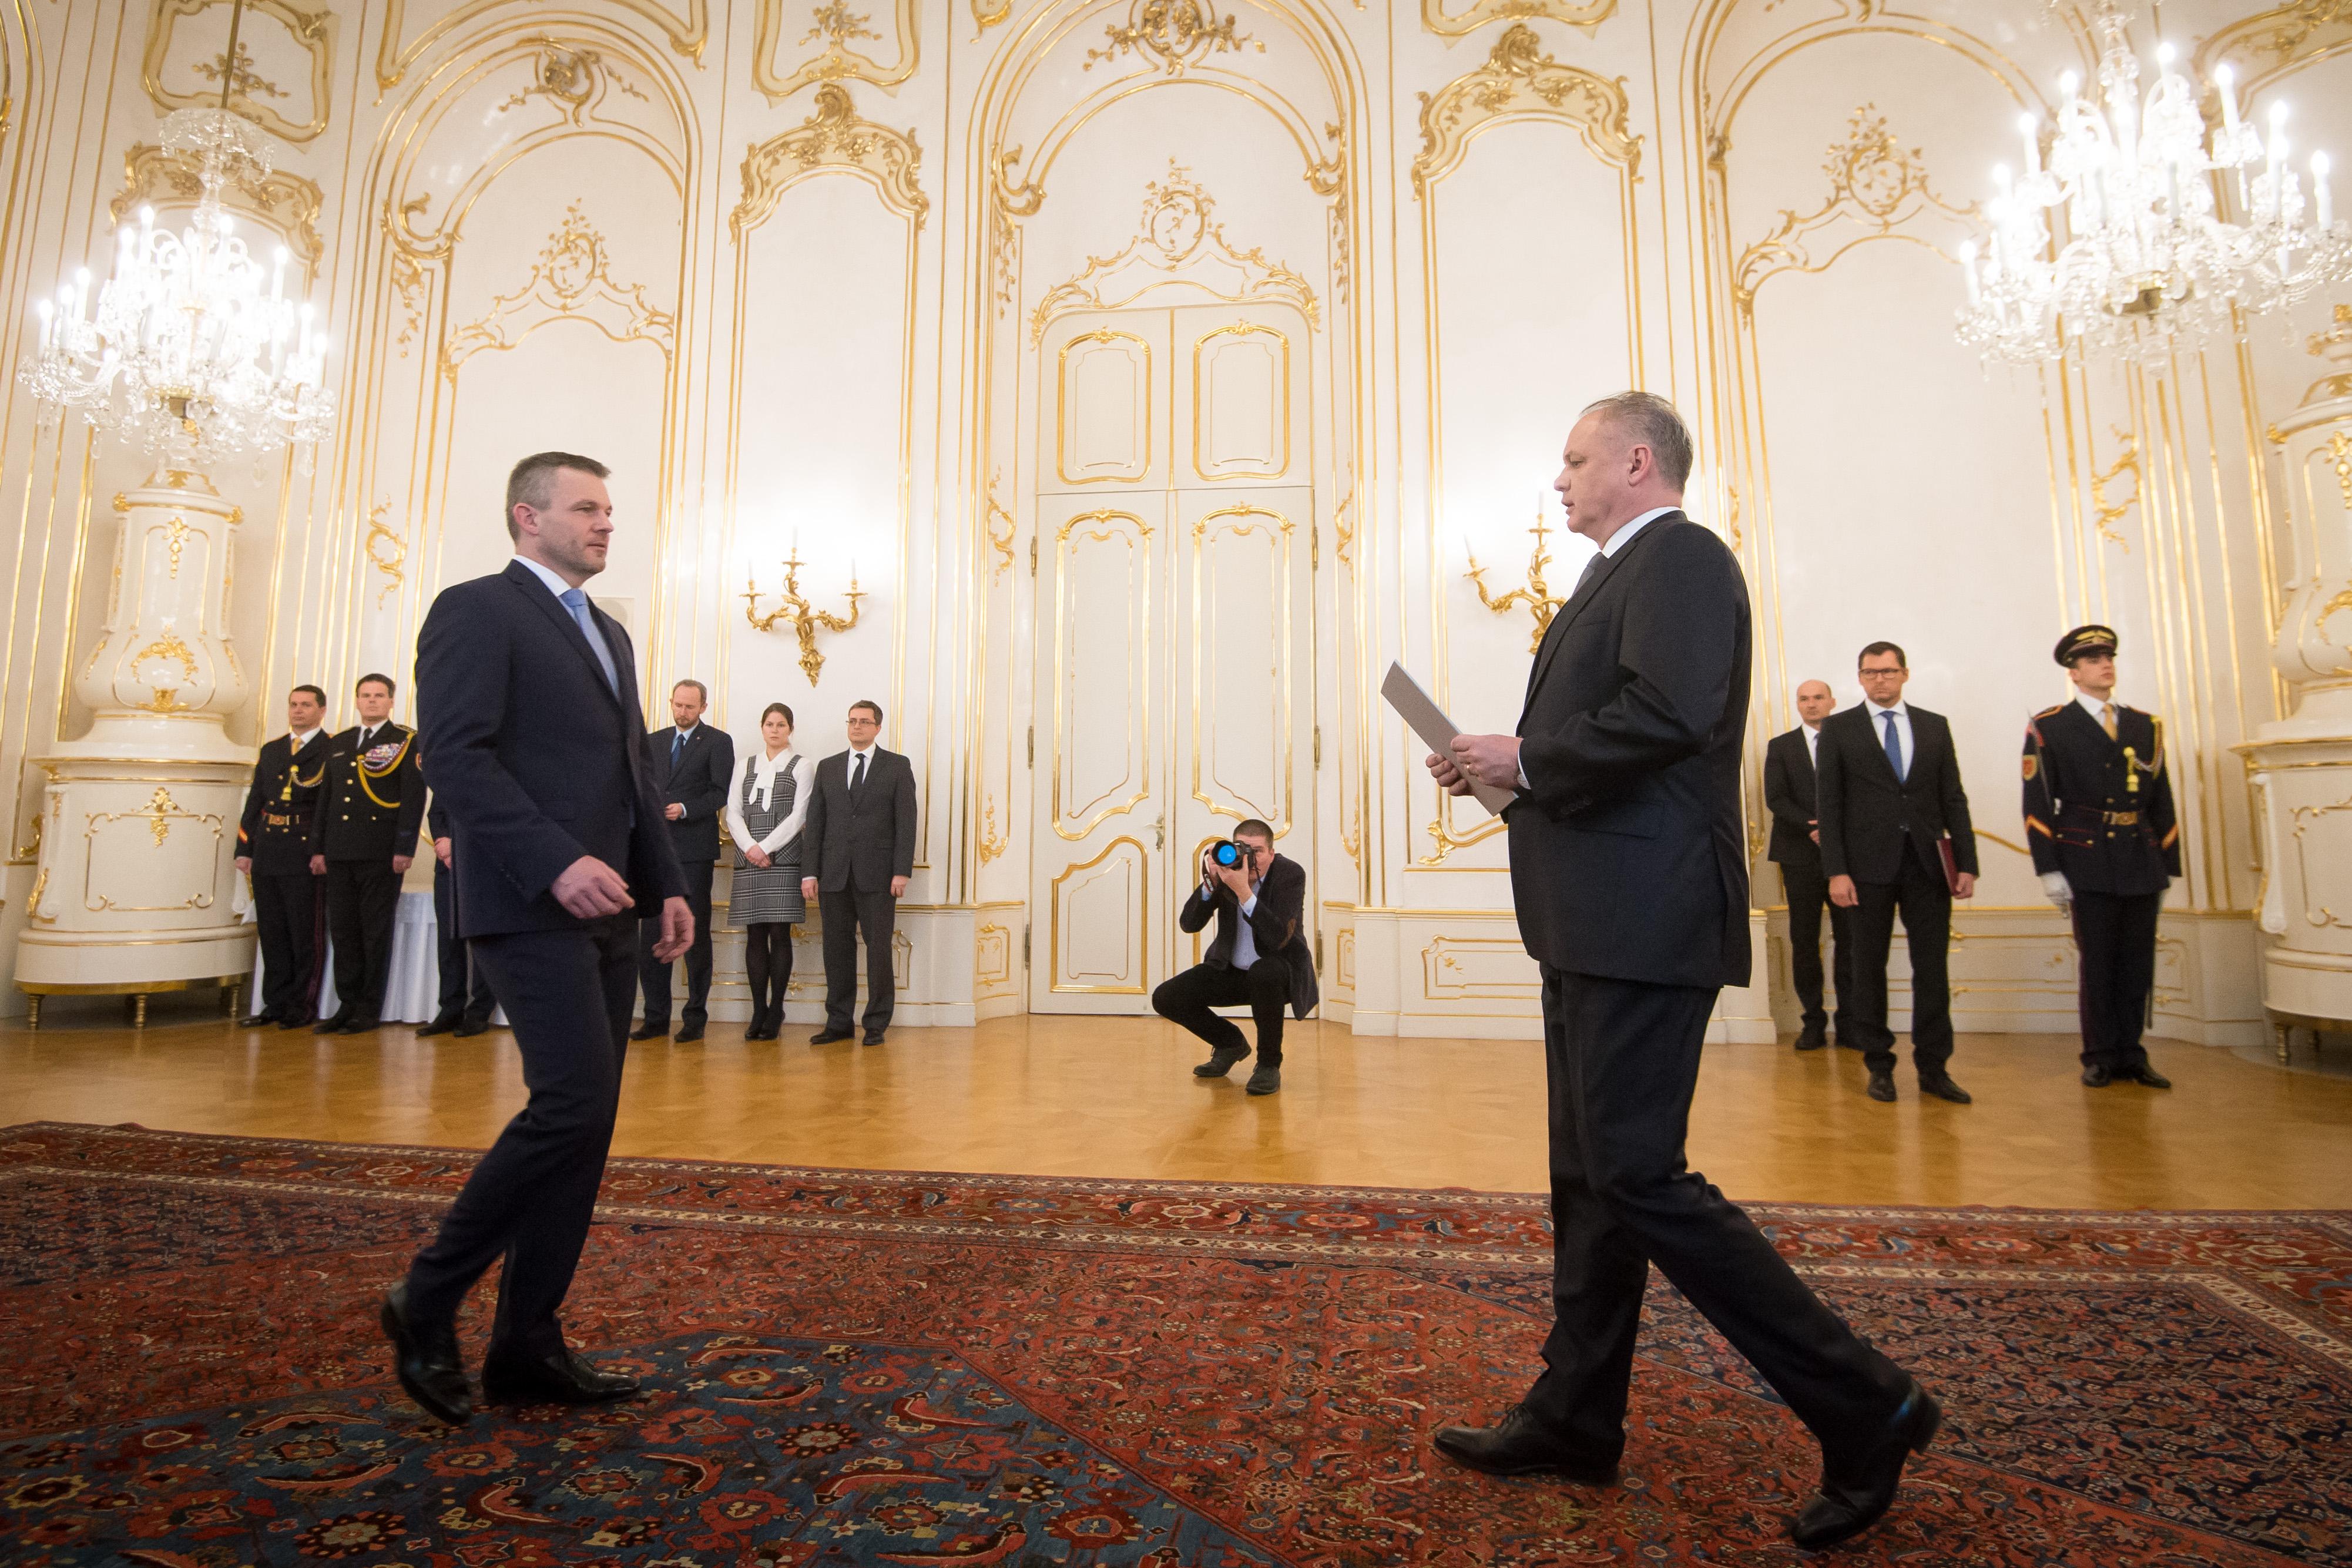 Vége a szlovák kormányválságnak, kinevezték az új miniszterelnököt